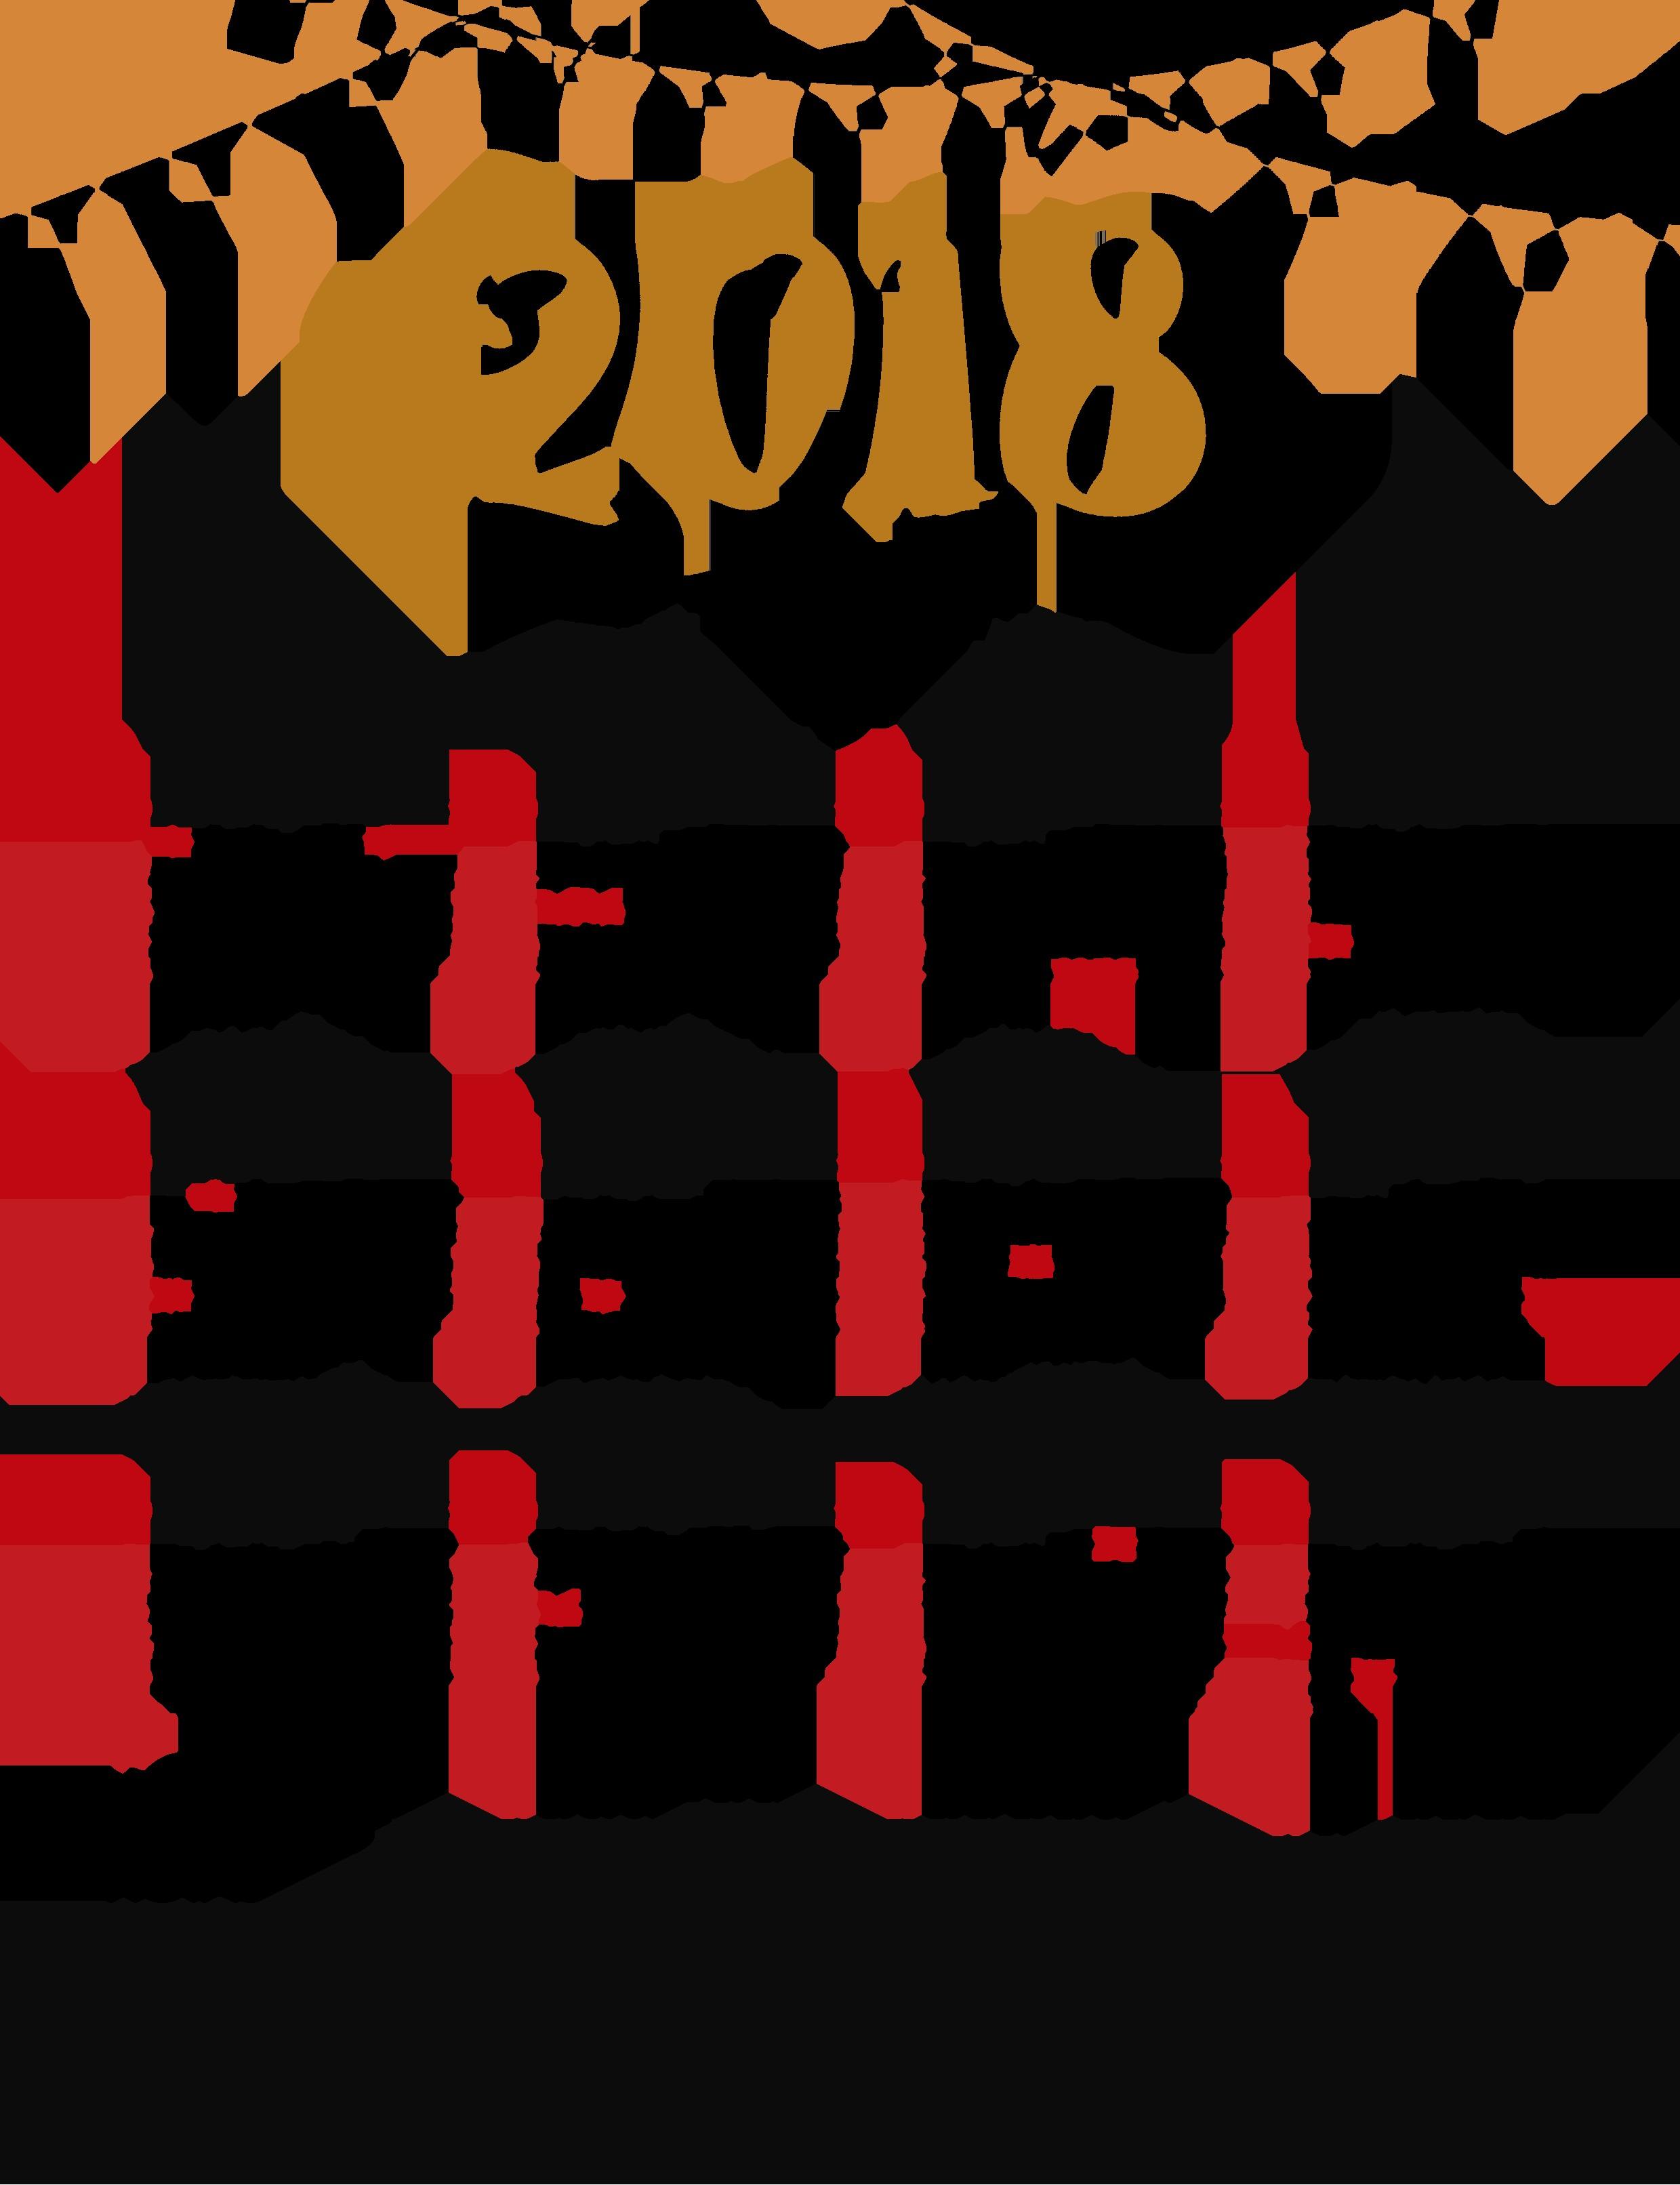 Lief te regala este Calendario 2018 para imprimir y decorar tu hogar